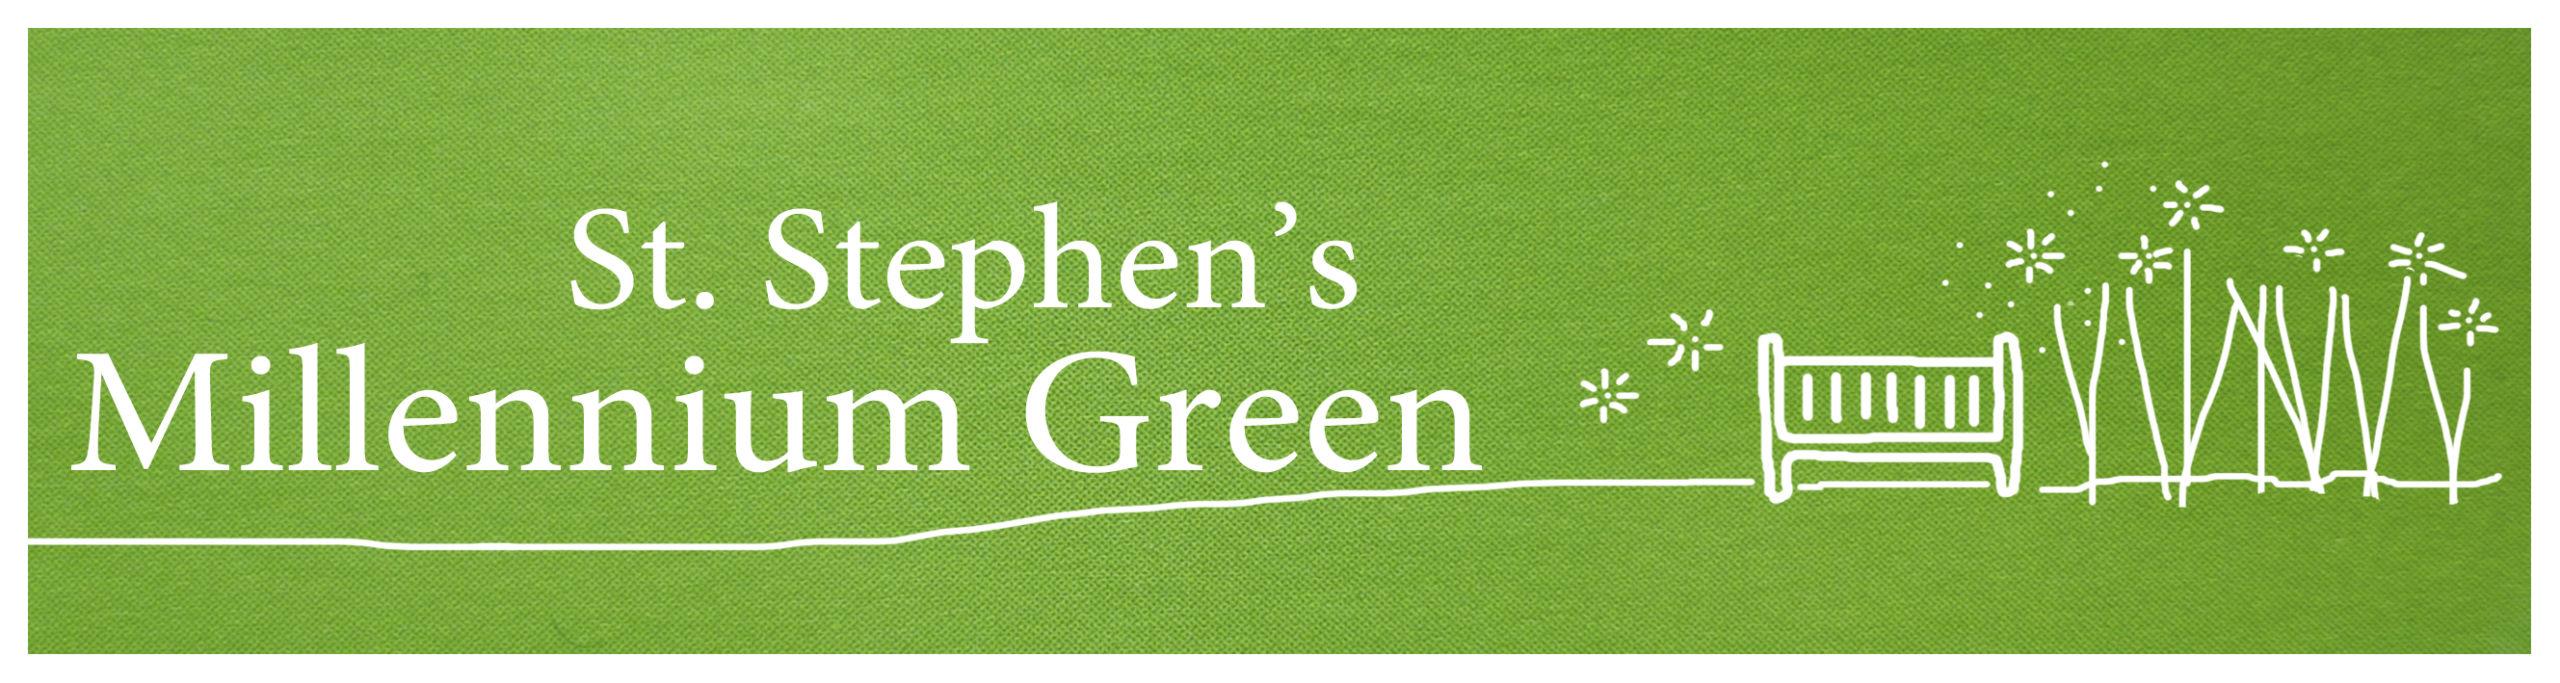 St. Stephen's Millennium Green